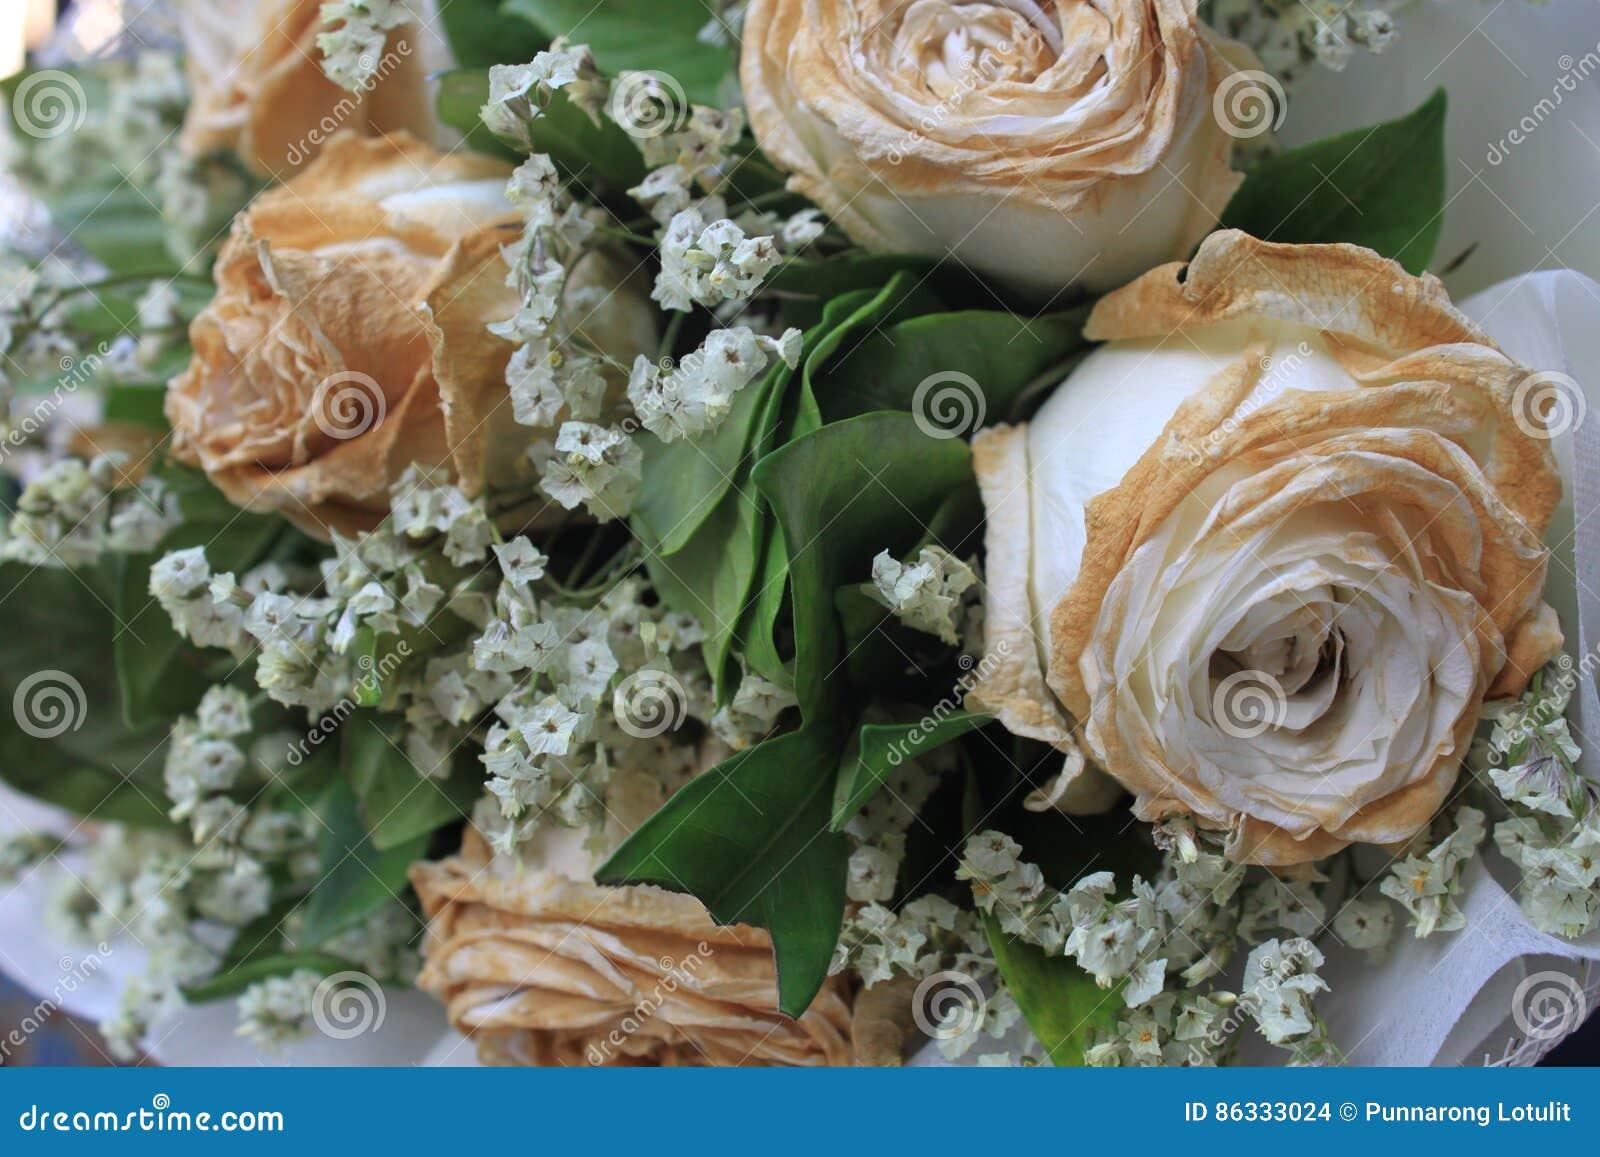 Sec Blanc S Est Leve Apres Le Saint Valentin Fane S Est Leve Photo